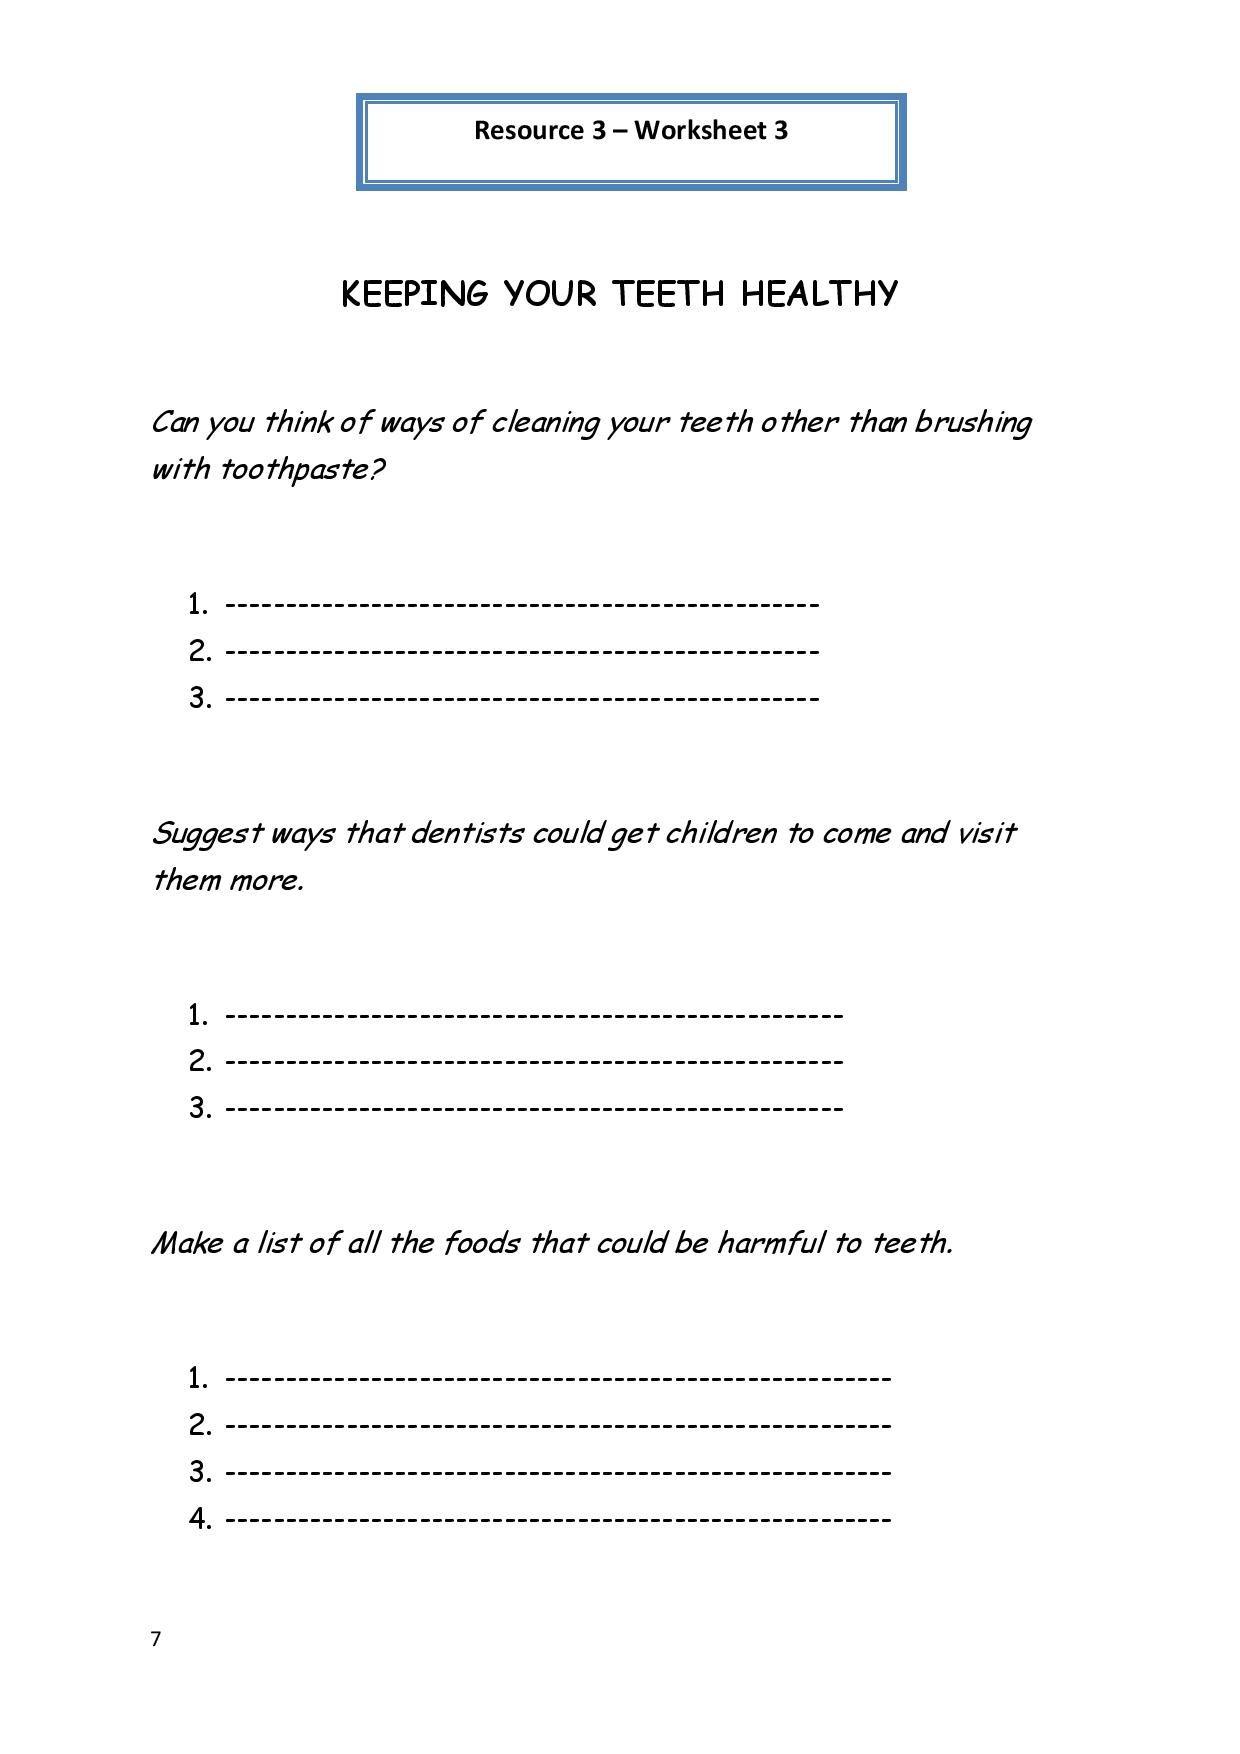 Personal Hygiene Worksheet 3 Keeping Your Teeth Healthy Jpg 1 240 1 754 Pixels Personal Hygiene Worksheets Hygiene Lessons Personal Hygiene